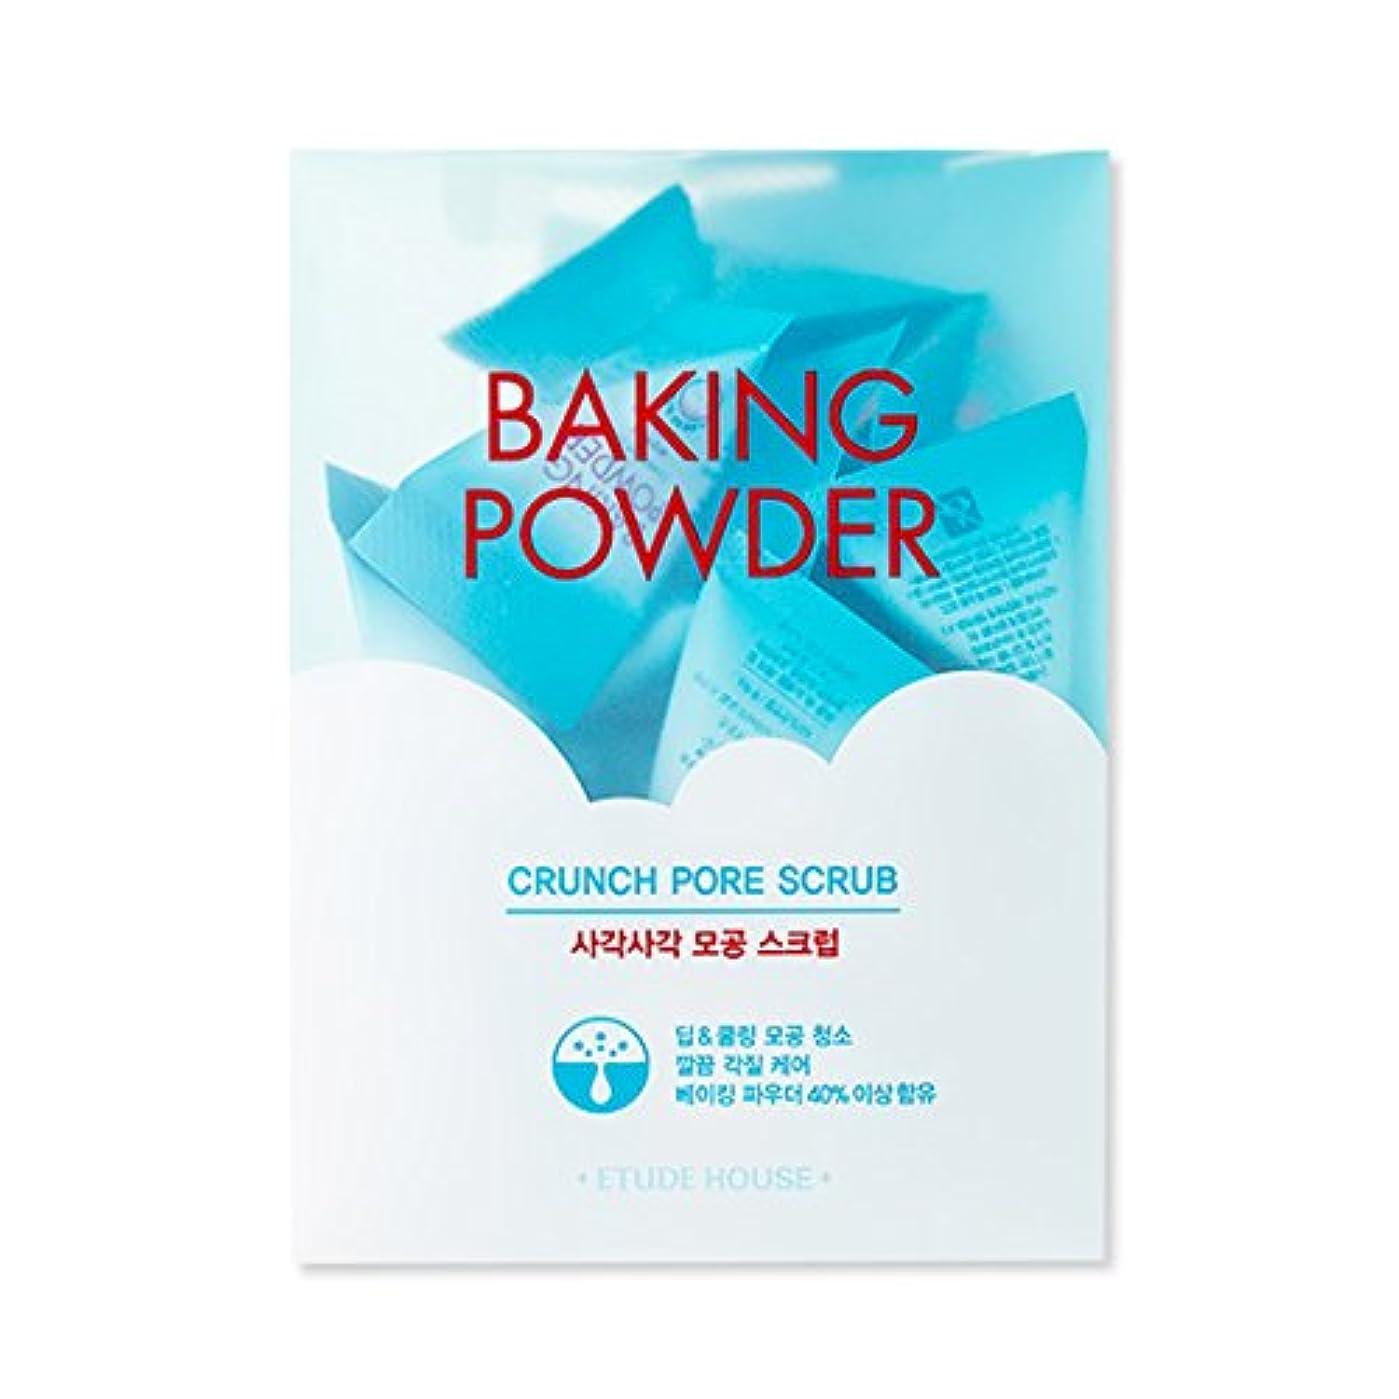 スタウトマート練習した[2016 Upgrade!] ETUDE HOUSE Baking Powder Crunch Pore Scrub 7g×24ea/エチュードハウス ベーキング パウダー クランチ ポア スクラブ 7g×24ea [...